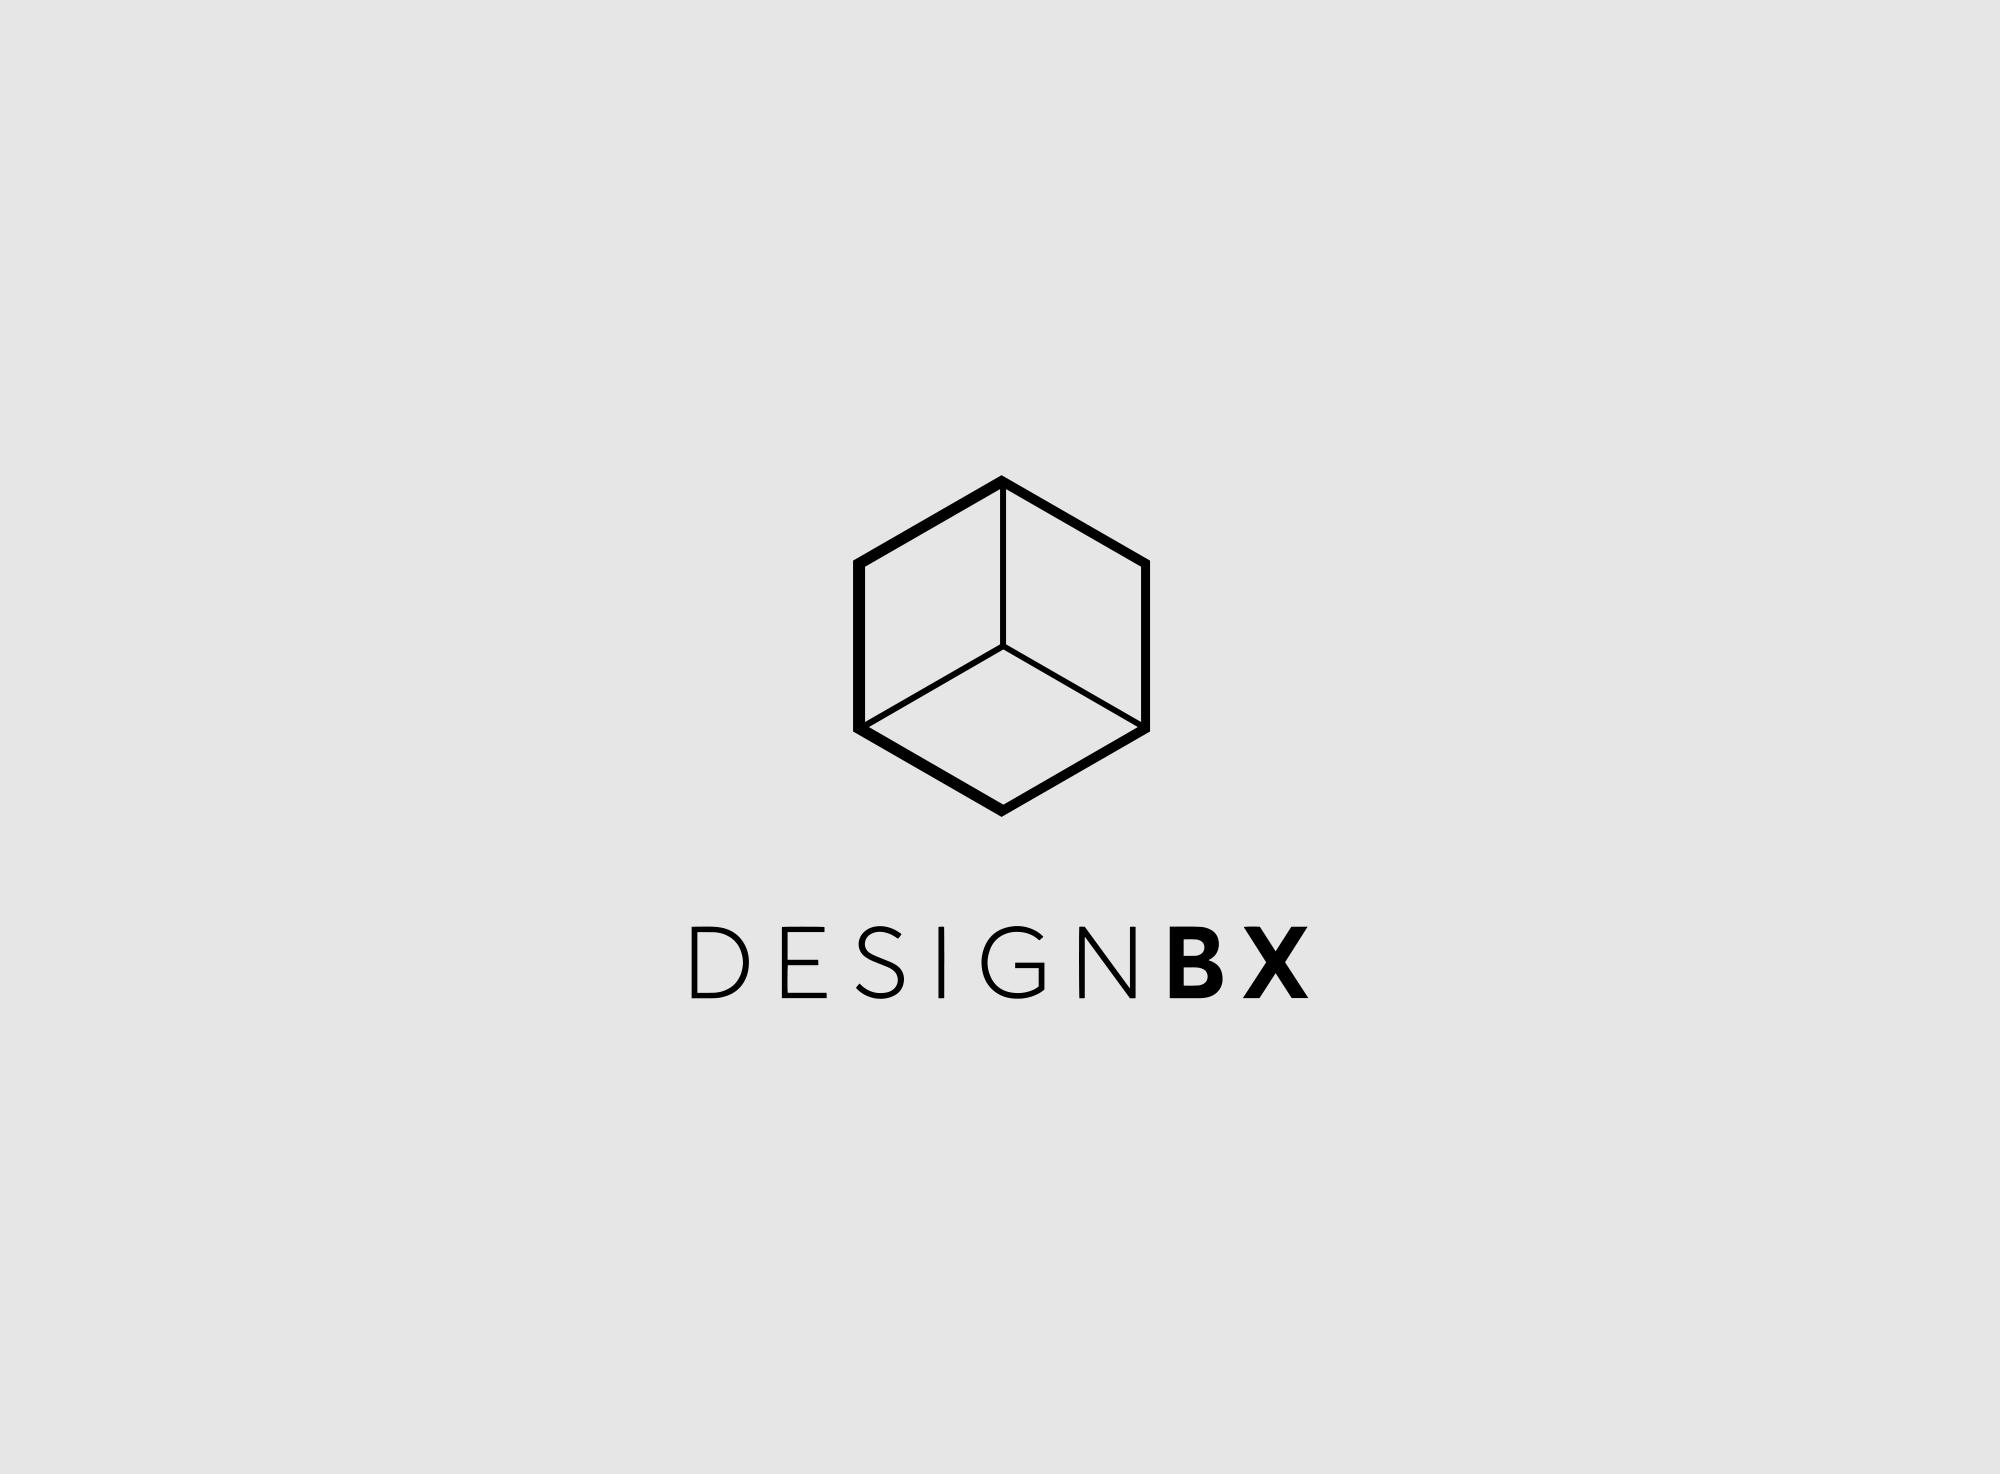 DBX_logo_03.png